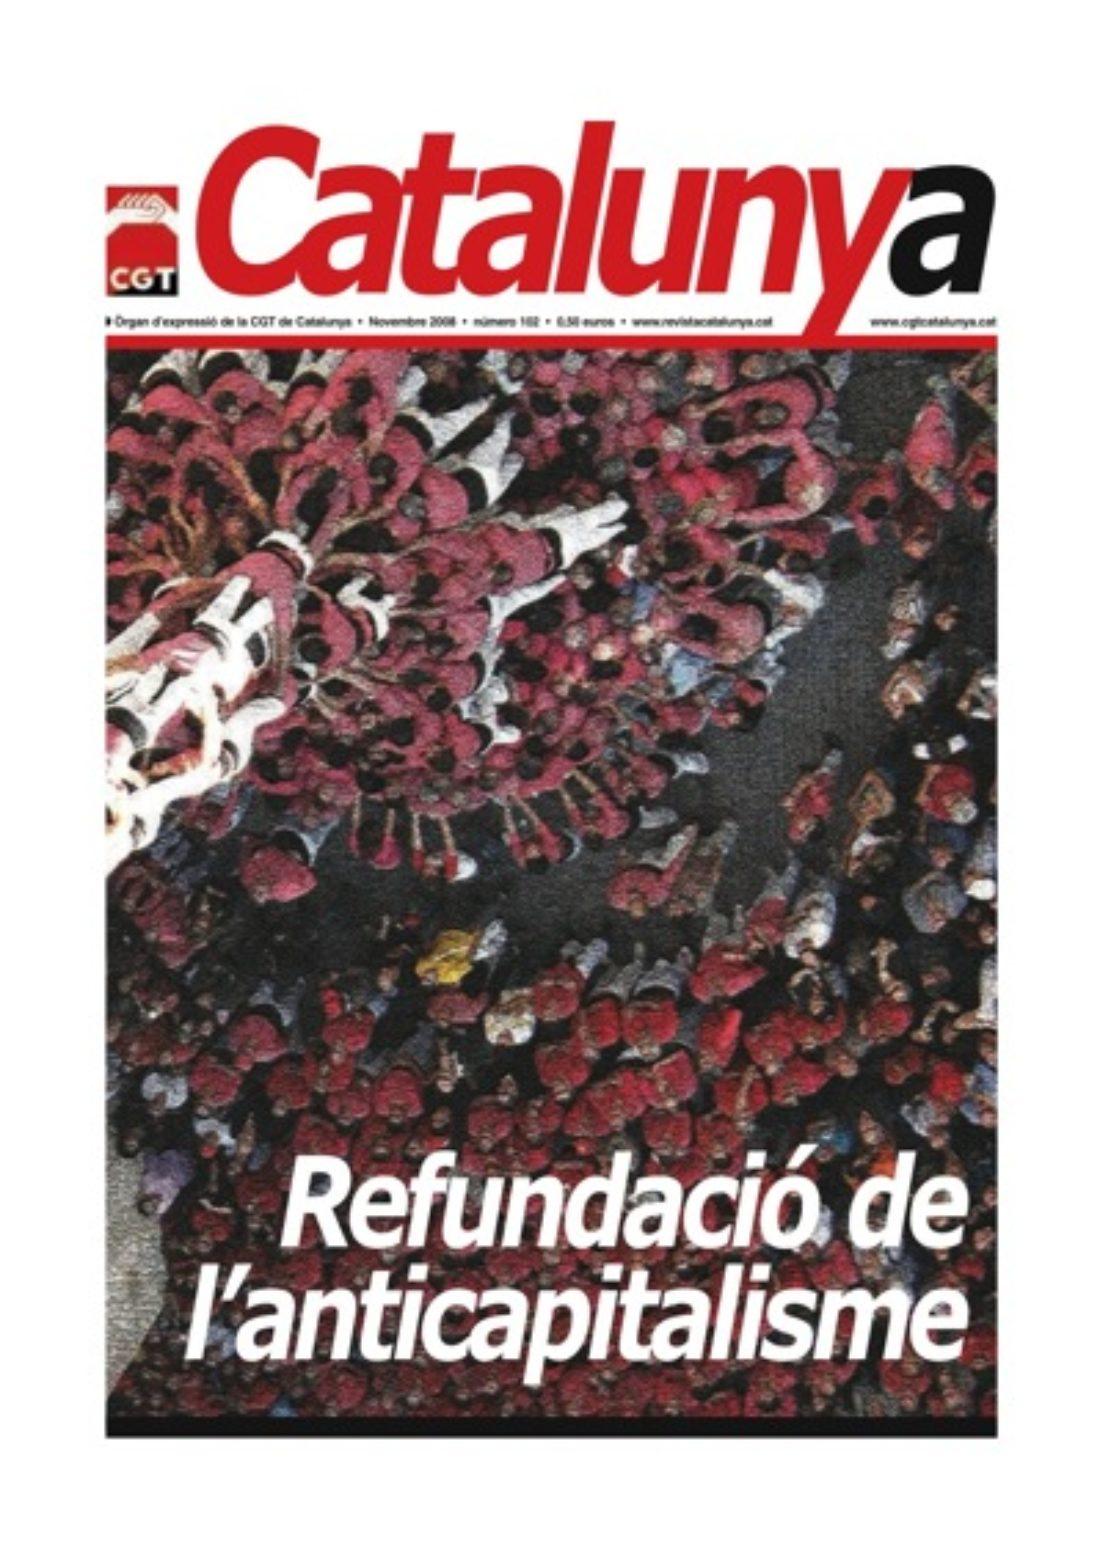 Catalunya 102 – novembre 2008